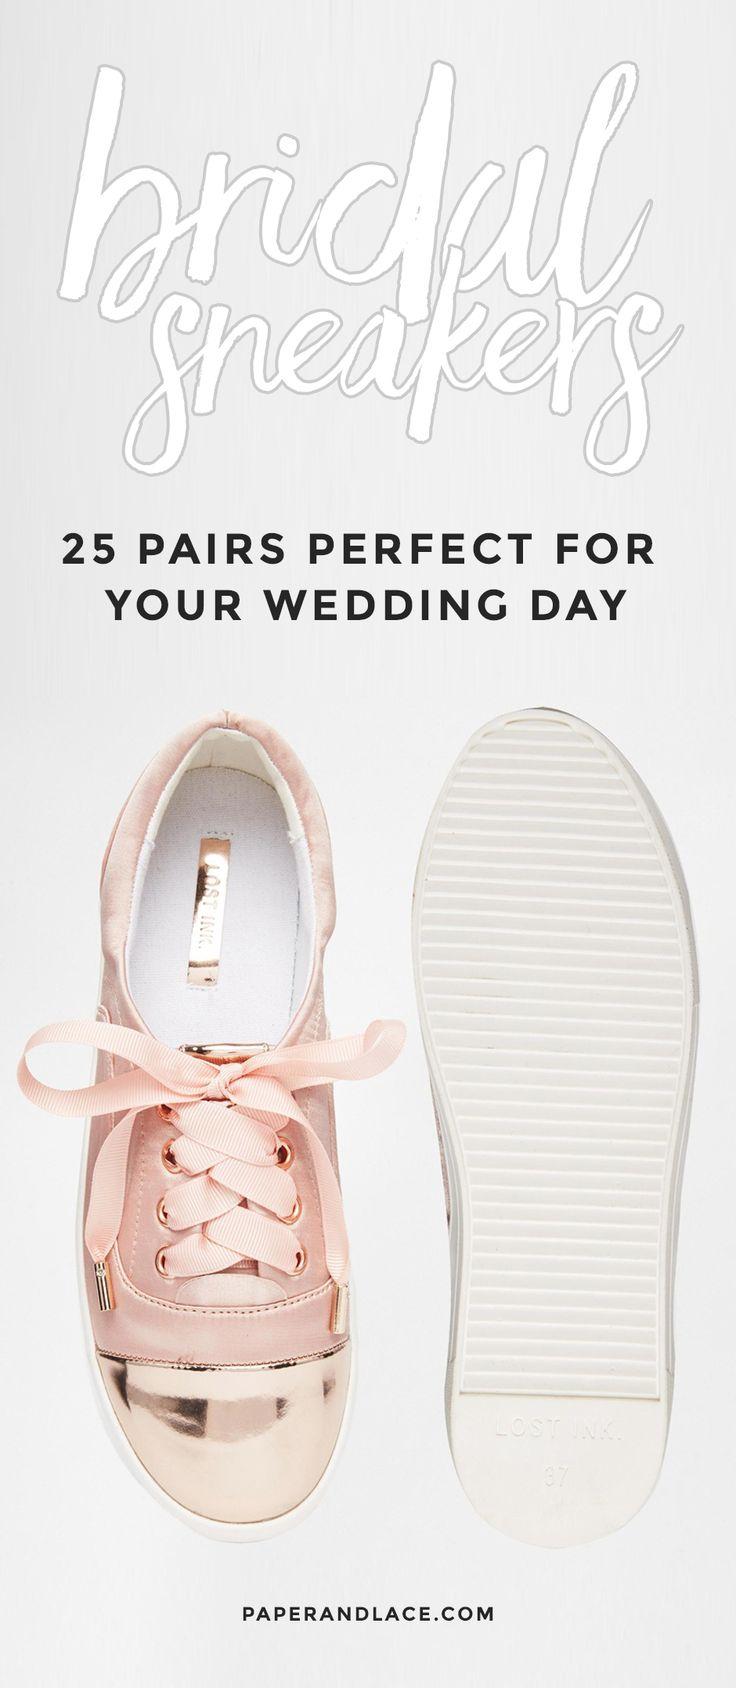 bridal sneakers!                                                                                                                                                                                 More